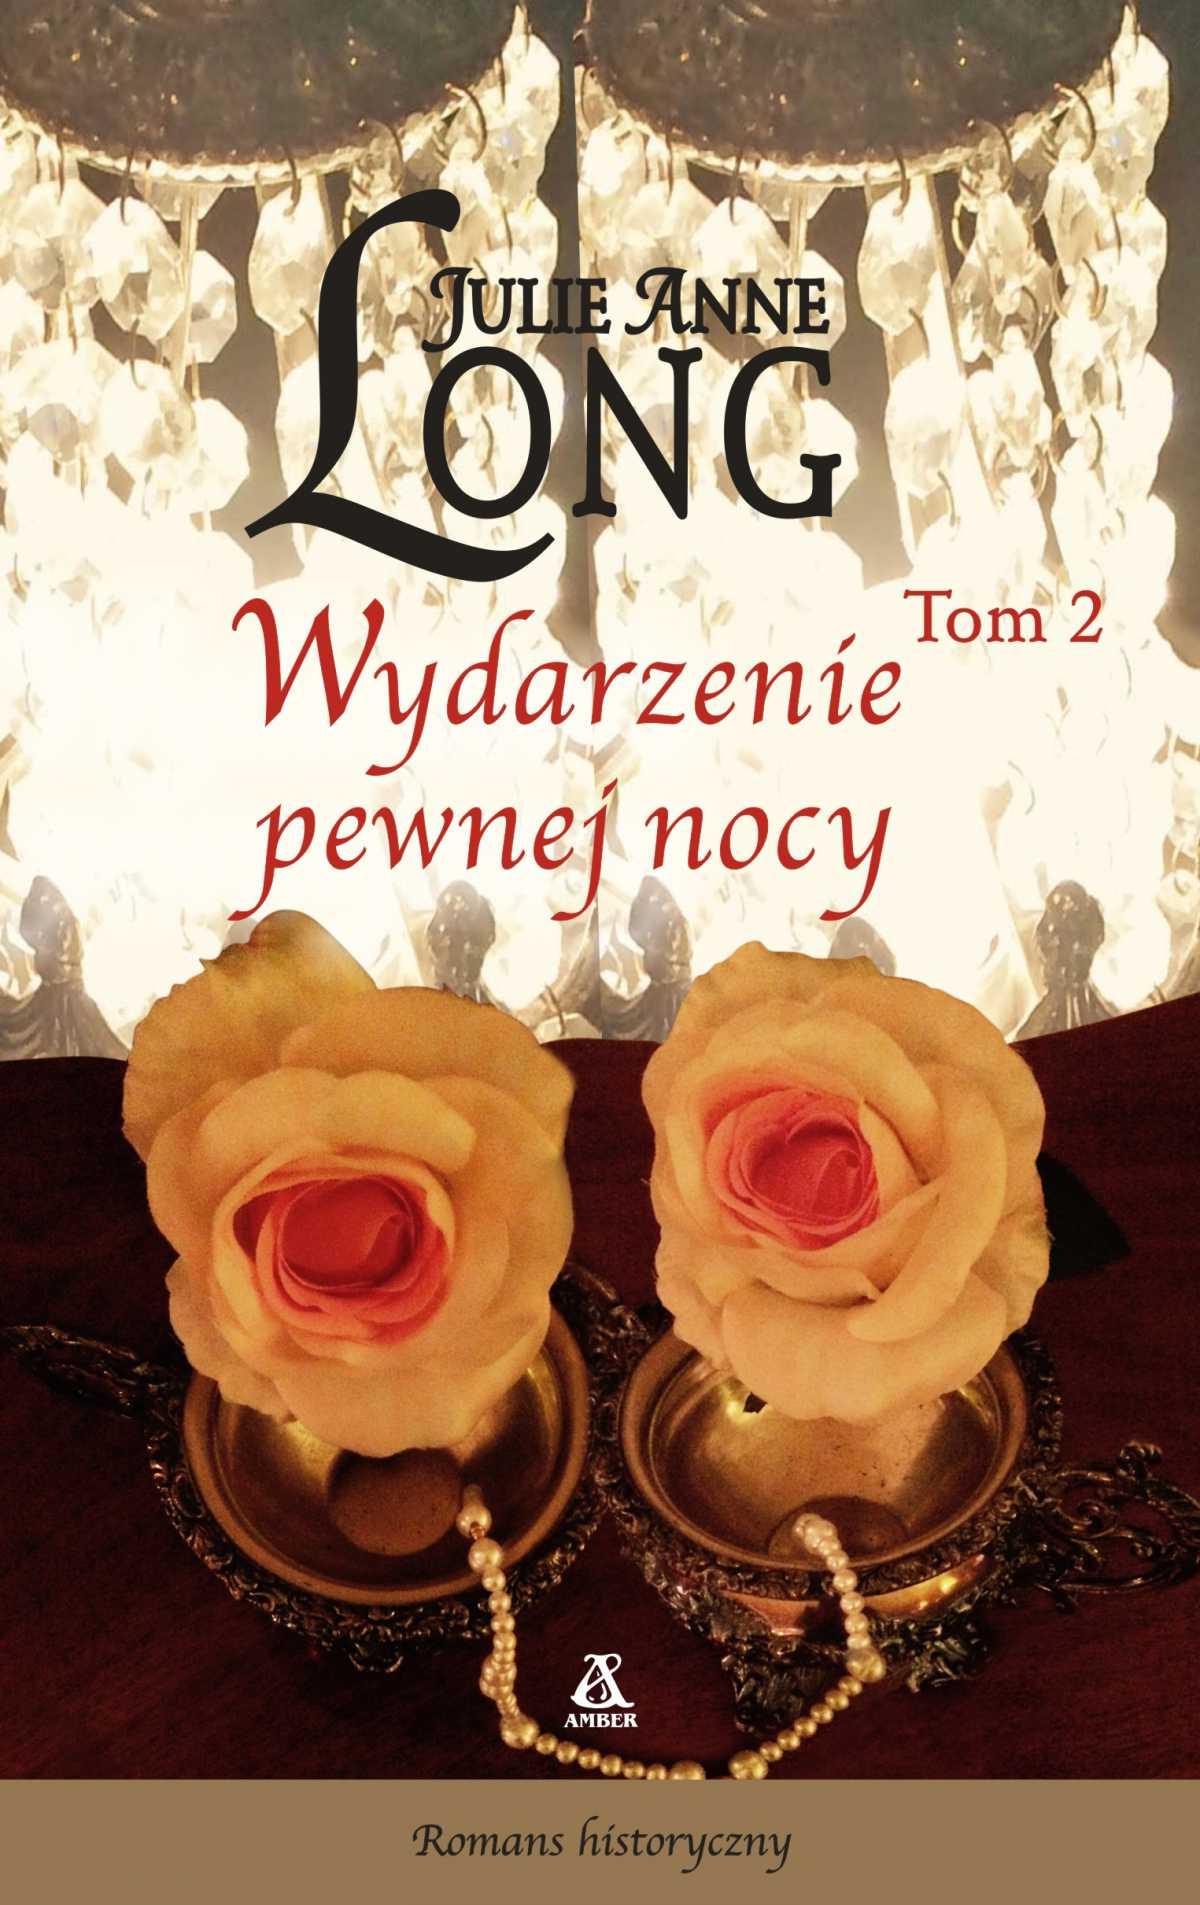 Wydarzenie pewnej nocy. Tom 2 - Ebook (Książka EPUB) do pobrania w formacie EPUB